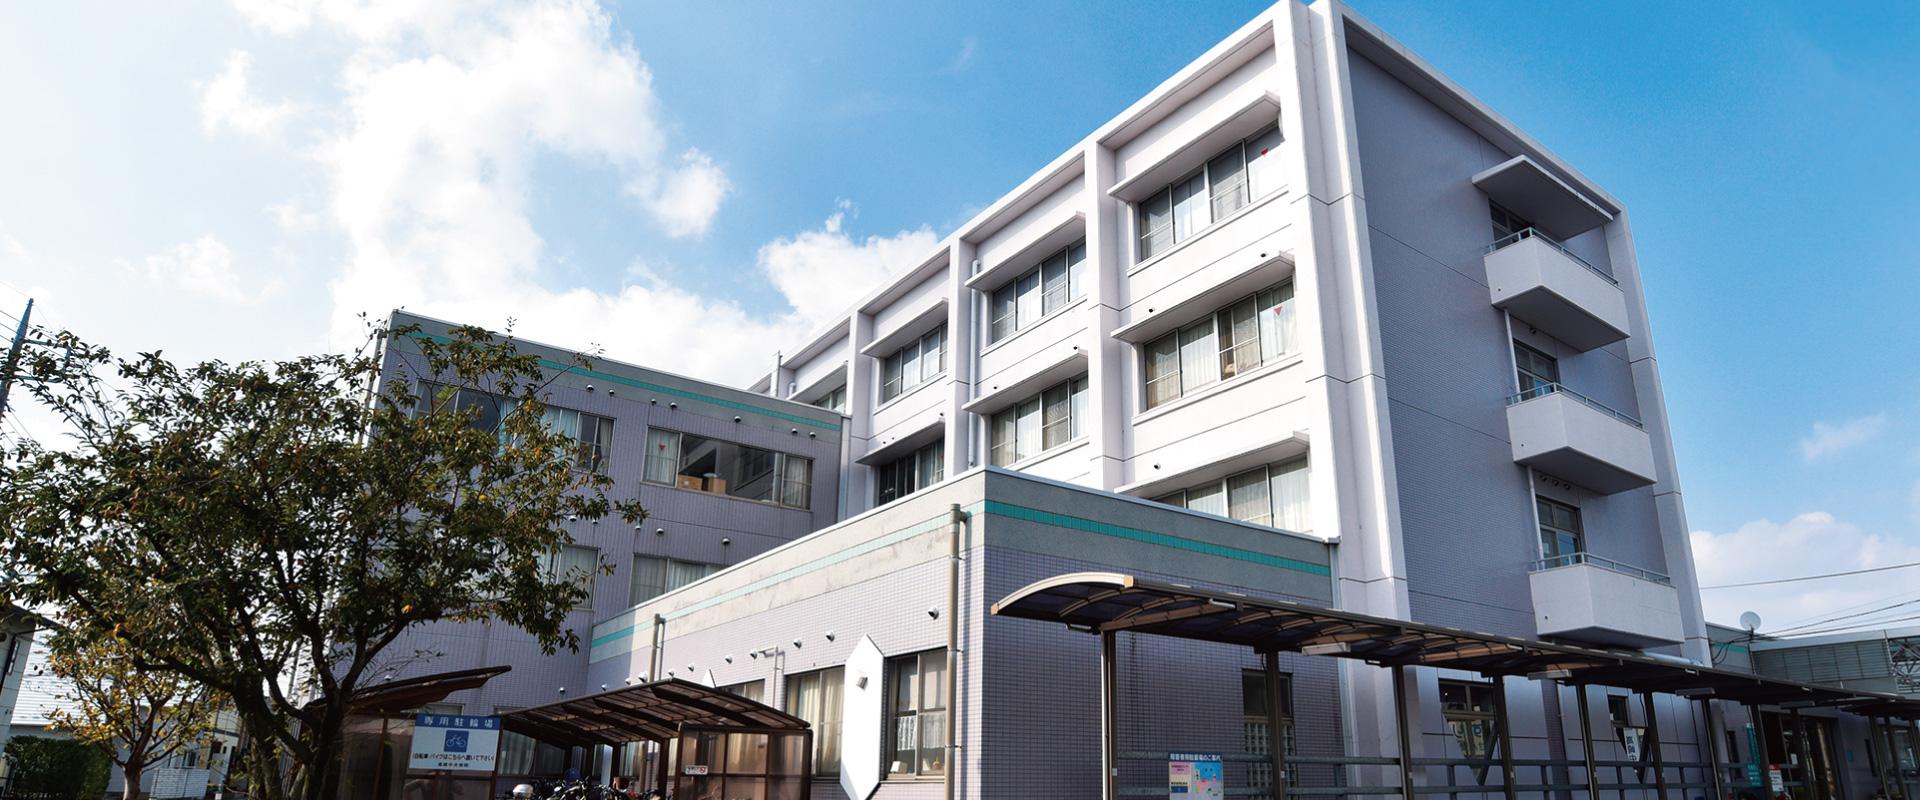 高崎中央病院 - 高崎市、内科・外科・小児科・専門外来など